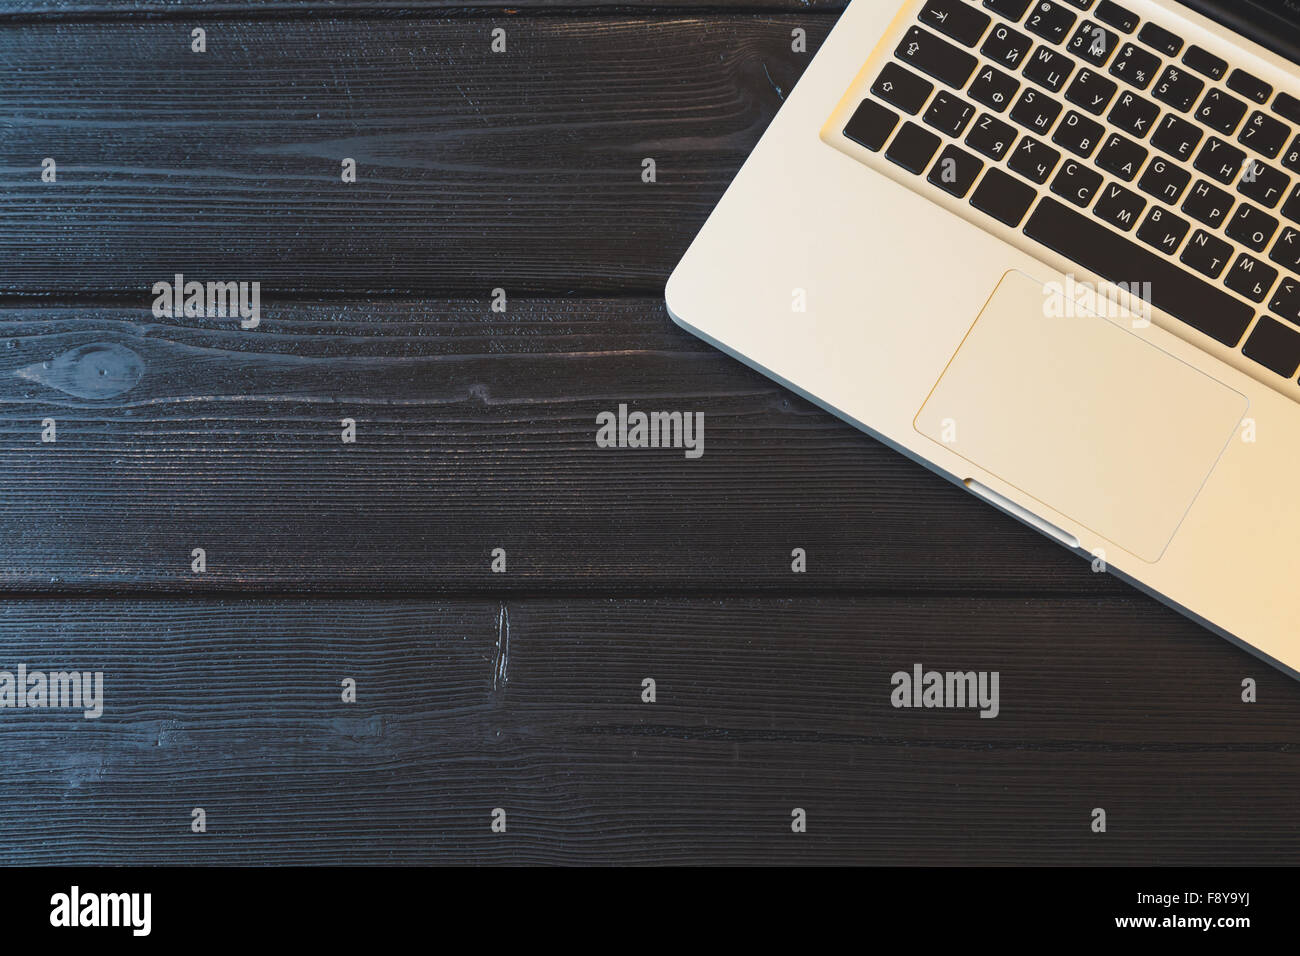 Laptop on modern wooden desk - Stock Image